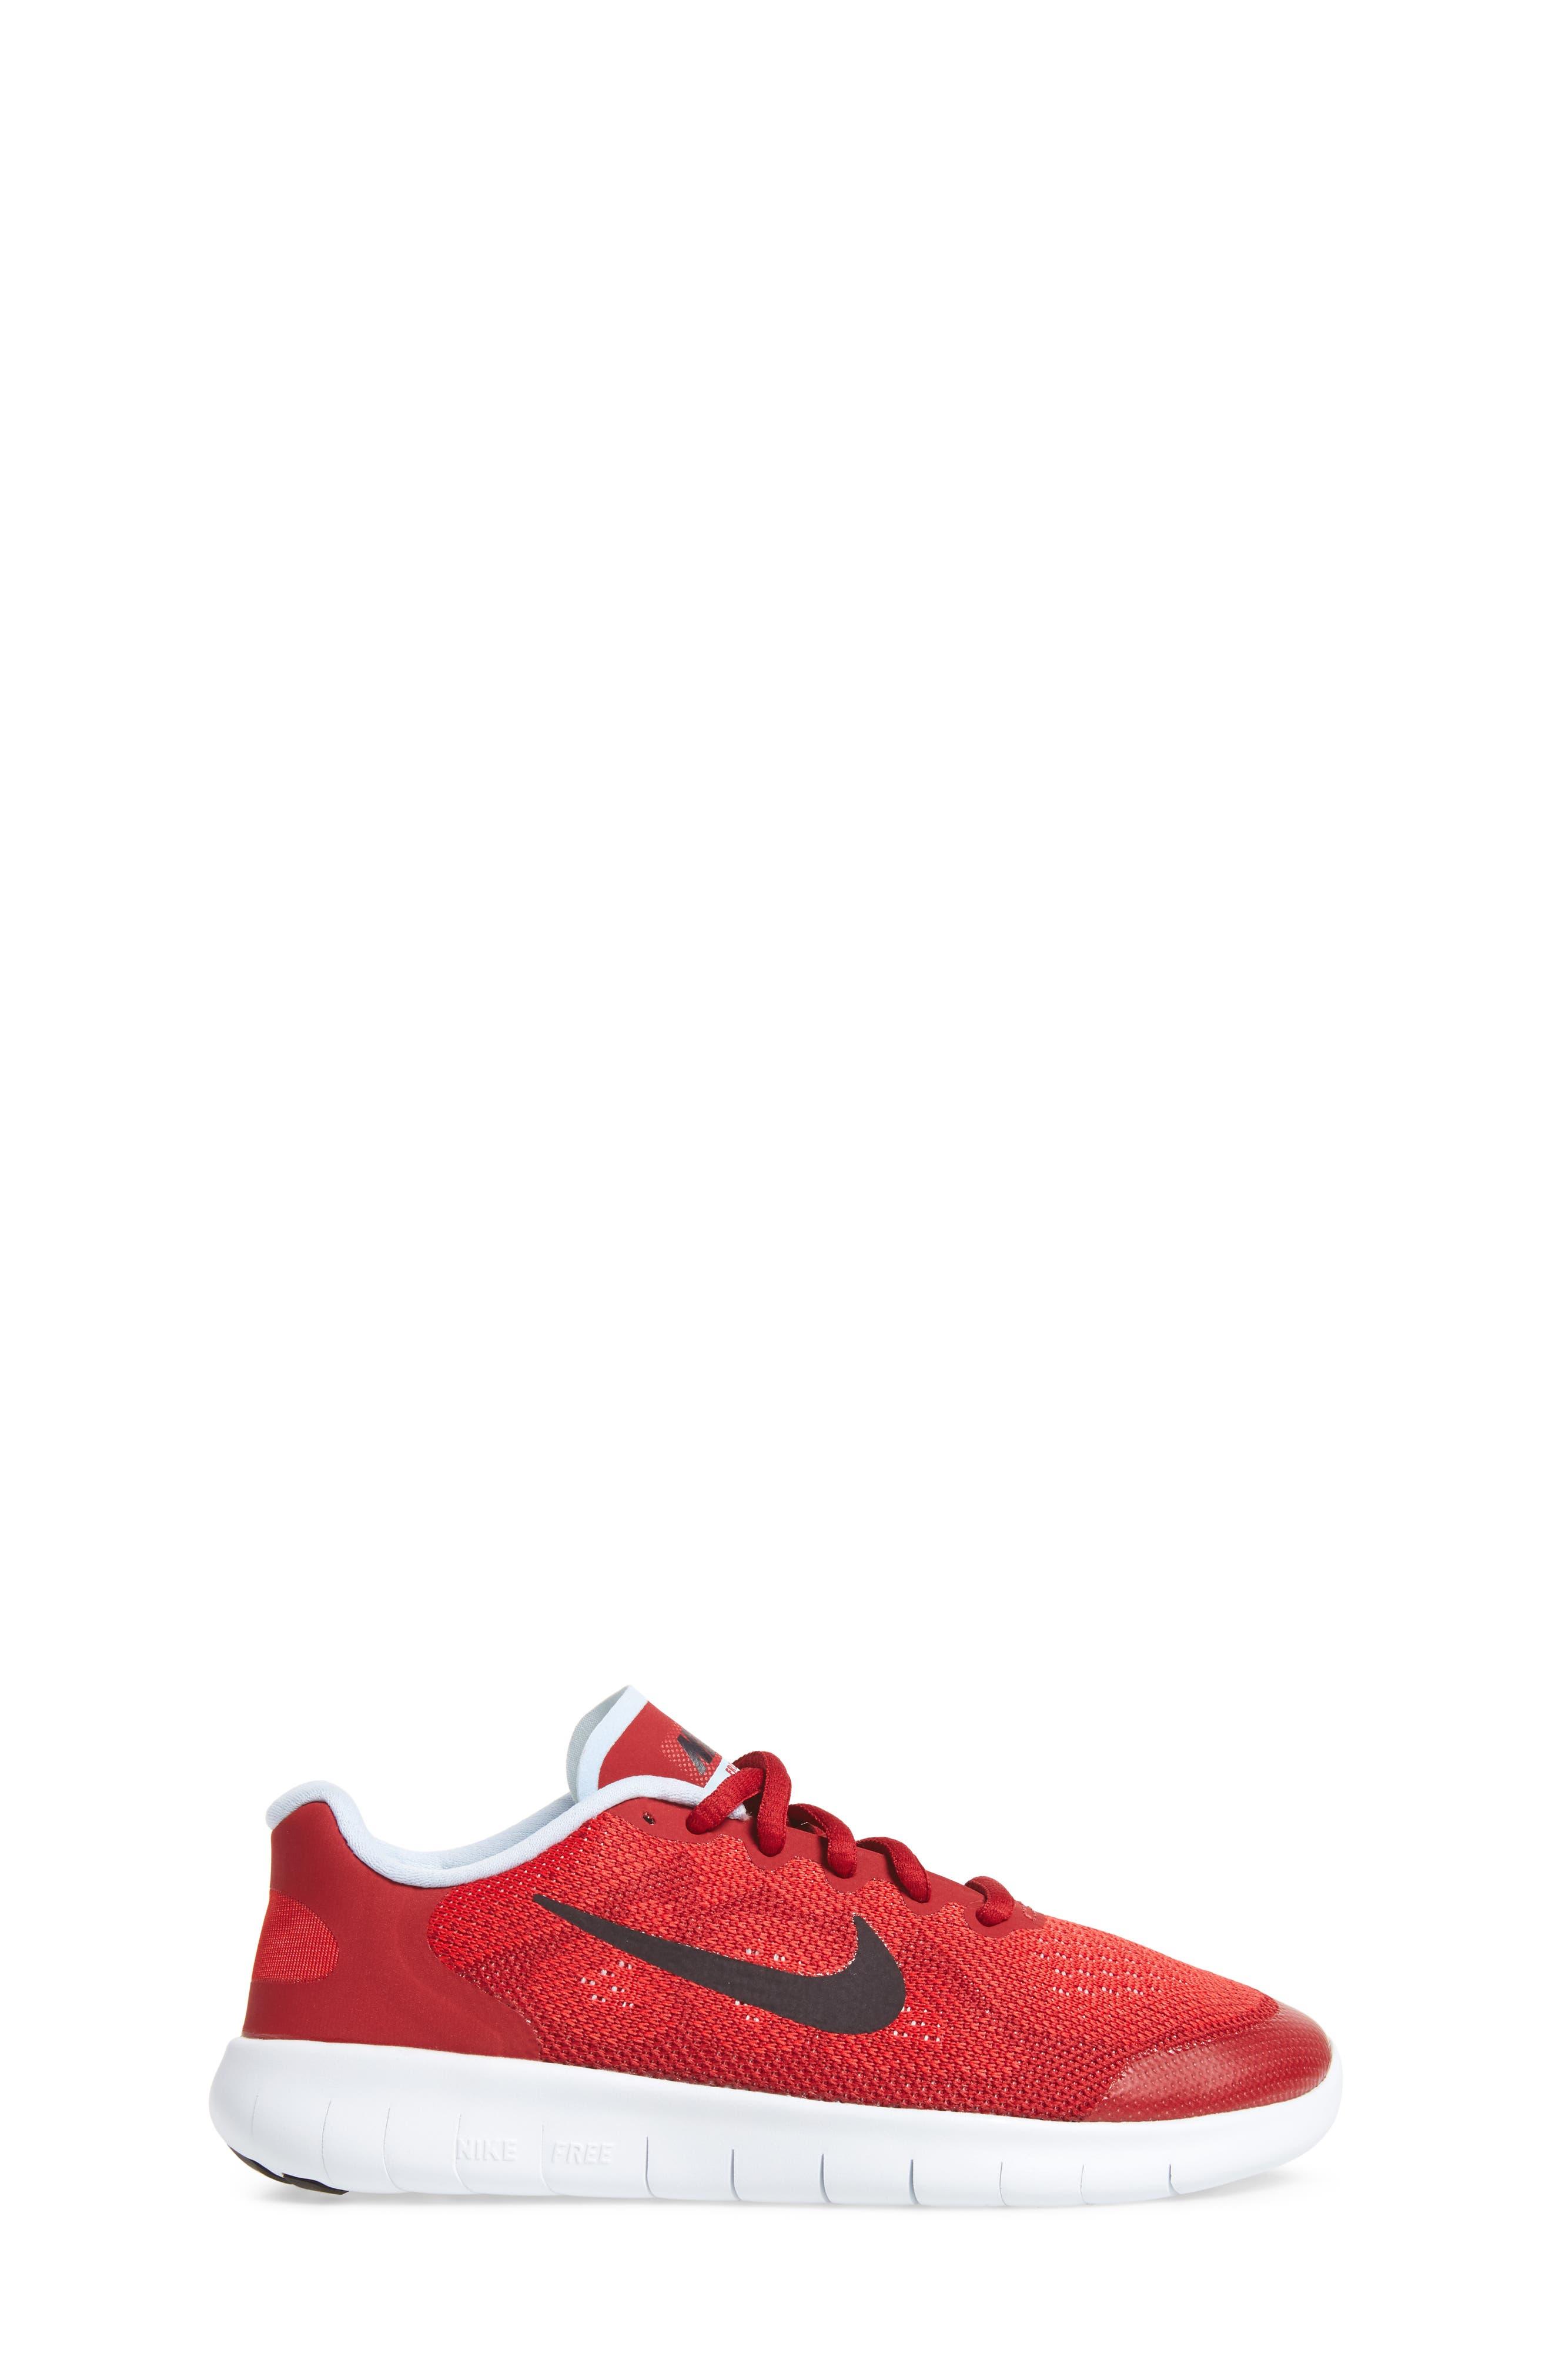 Alternate Image 3  - Nike Free RN Running Shoe (Toddler, Little Kid & Big Kid)